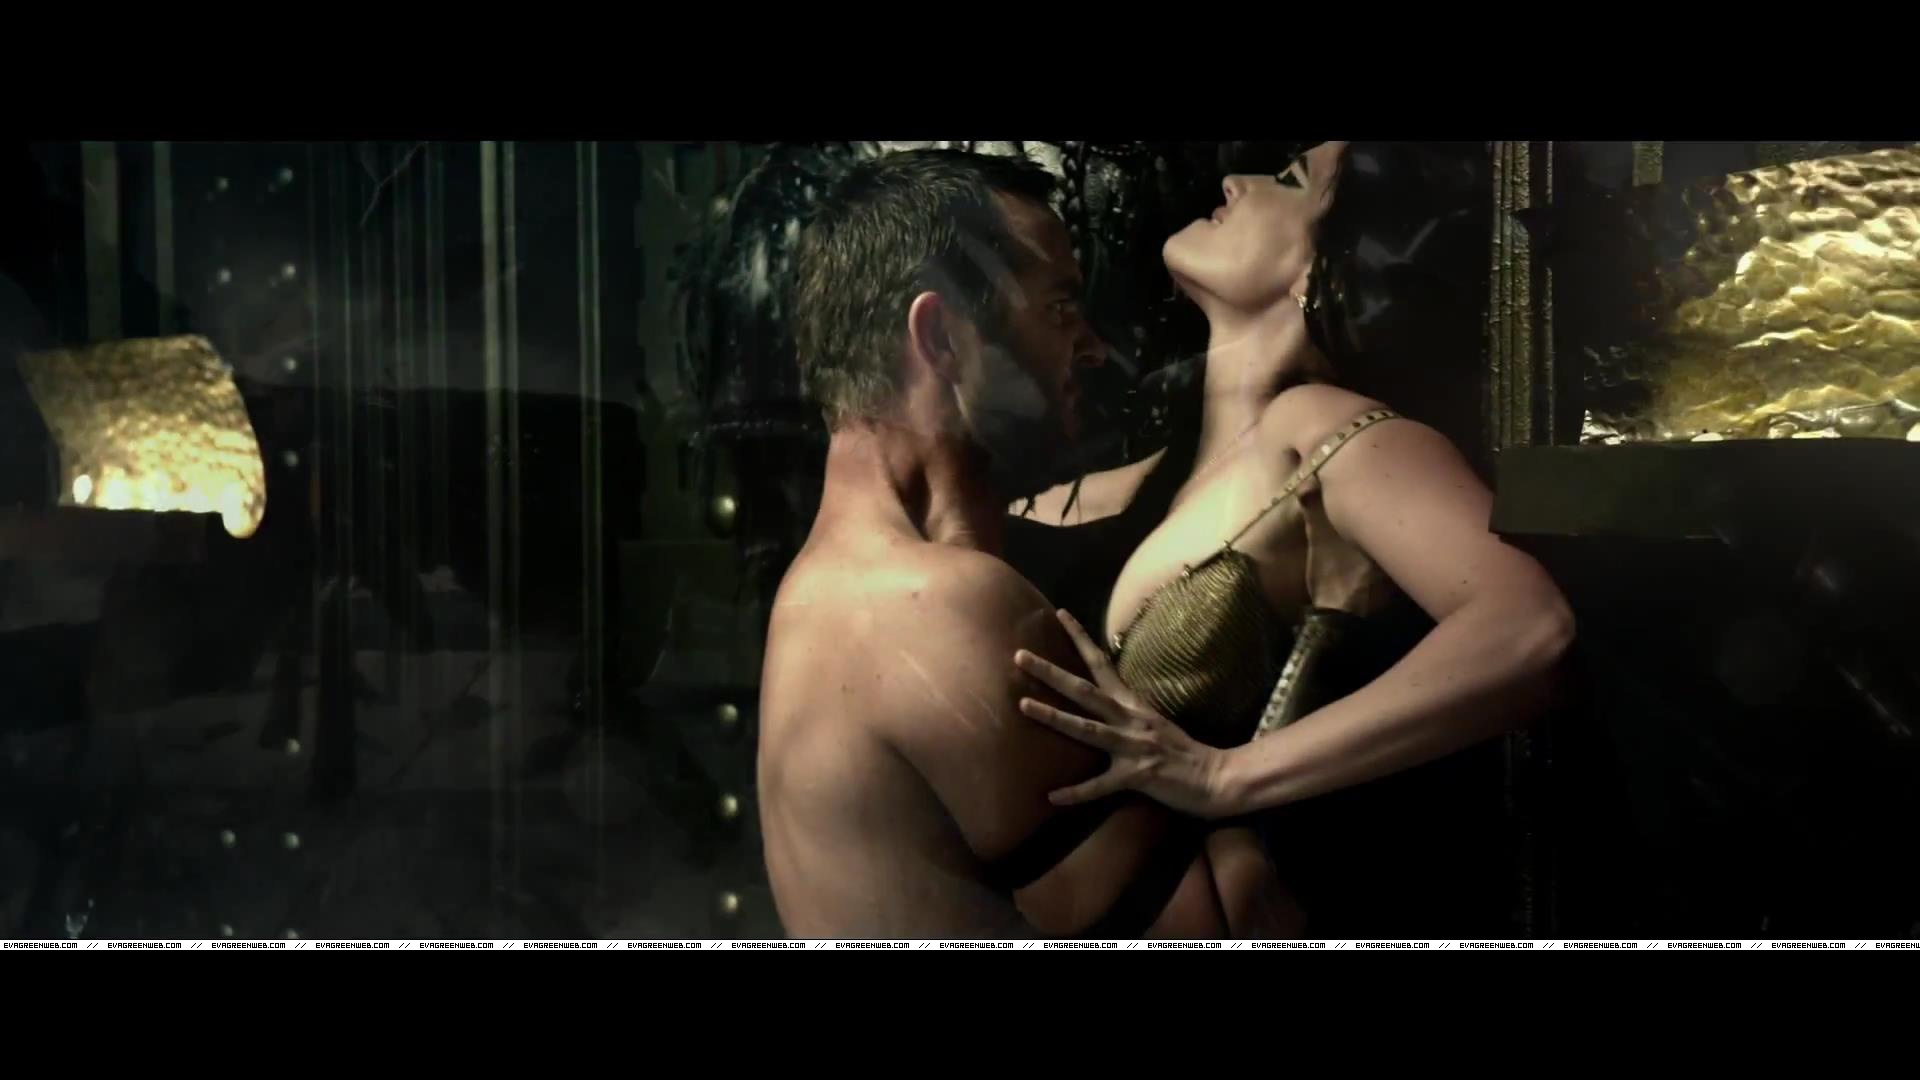 Смотреть онлайн секси 17 фотография